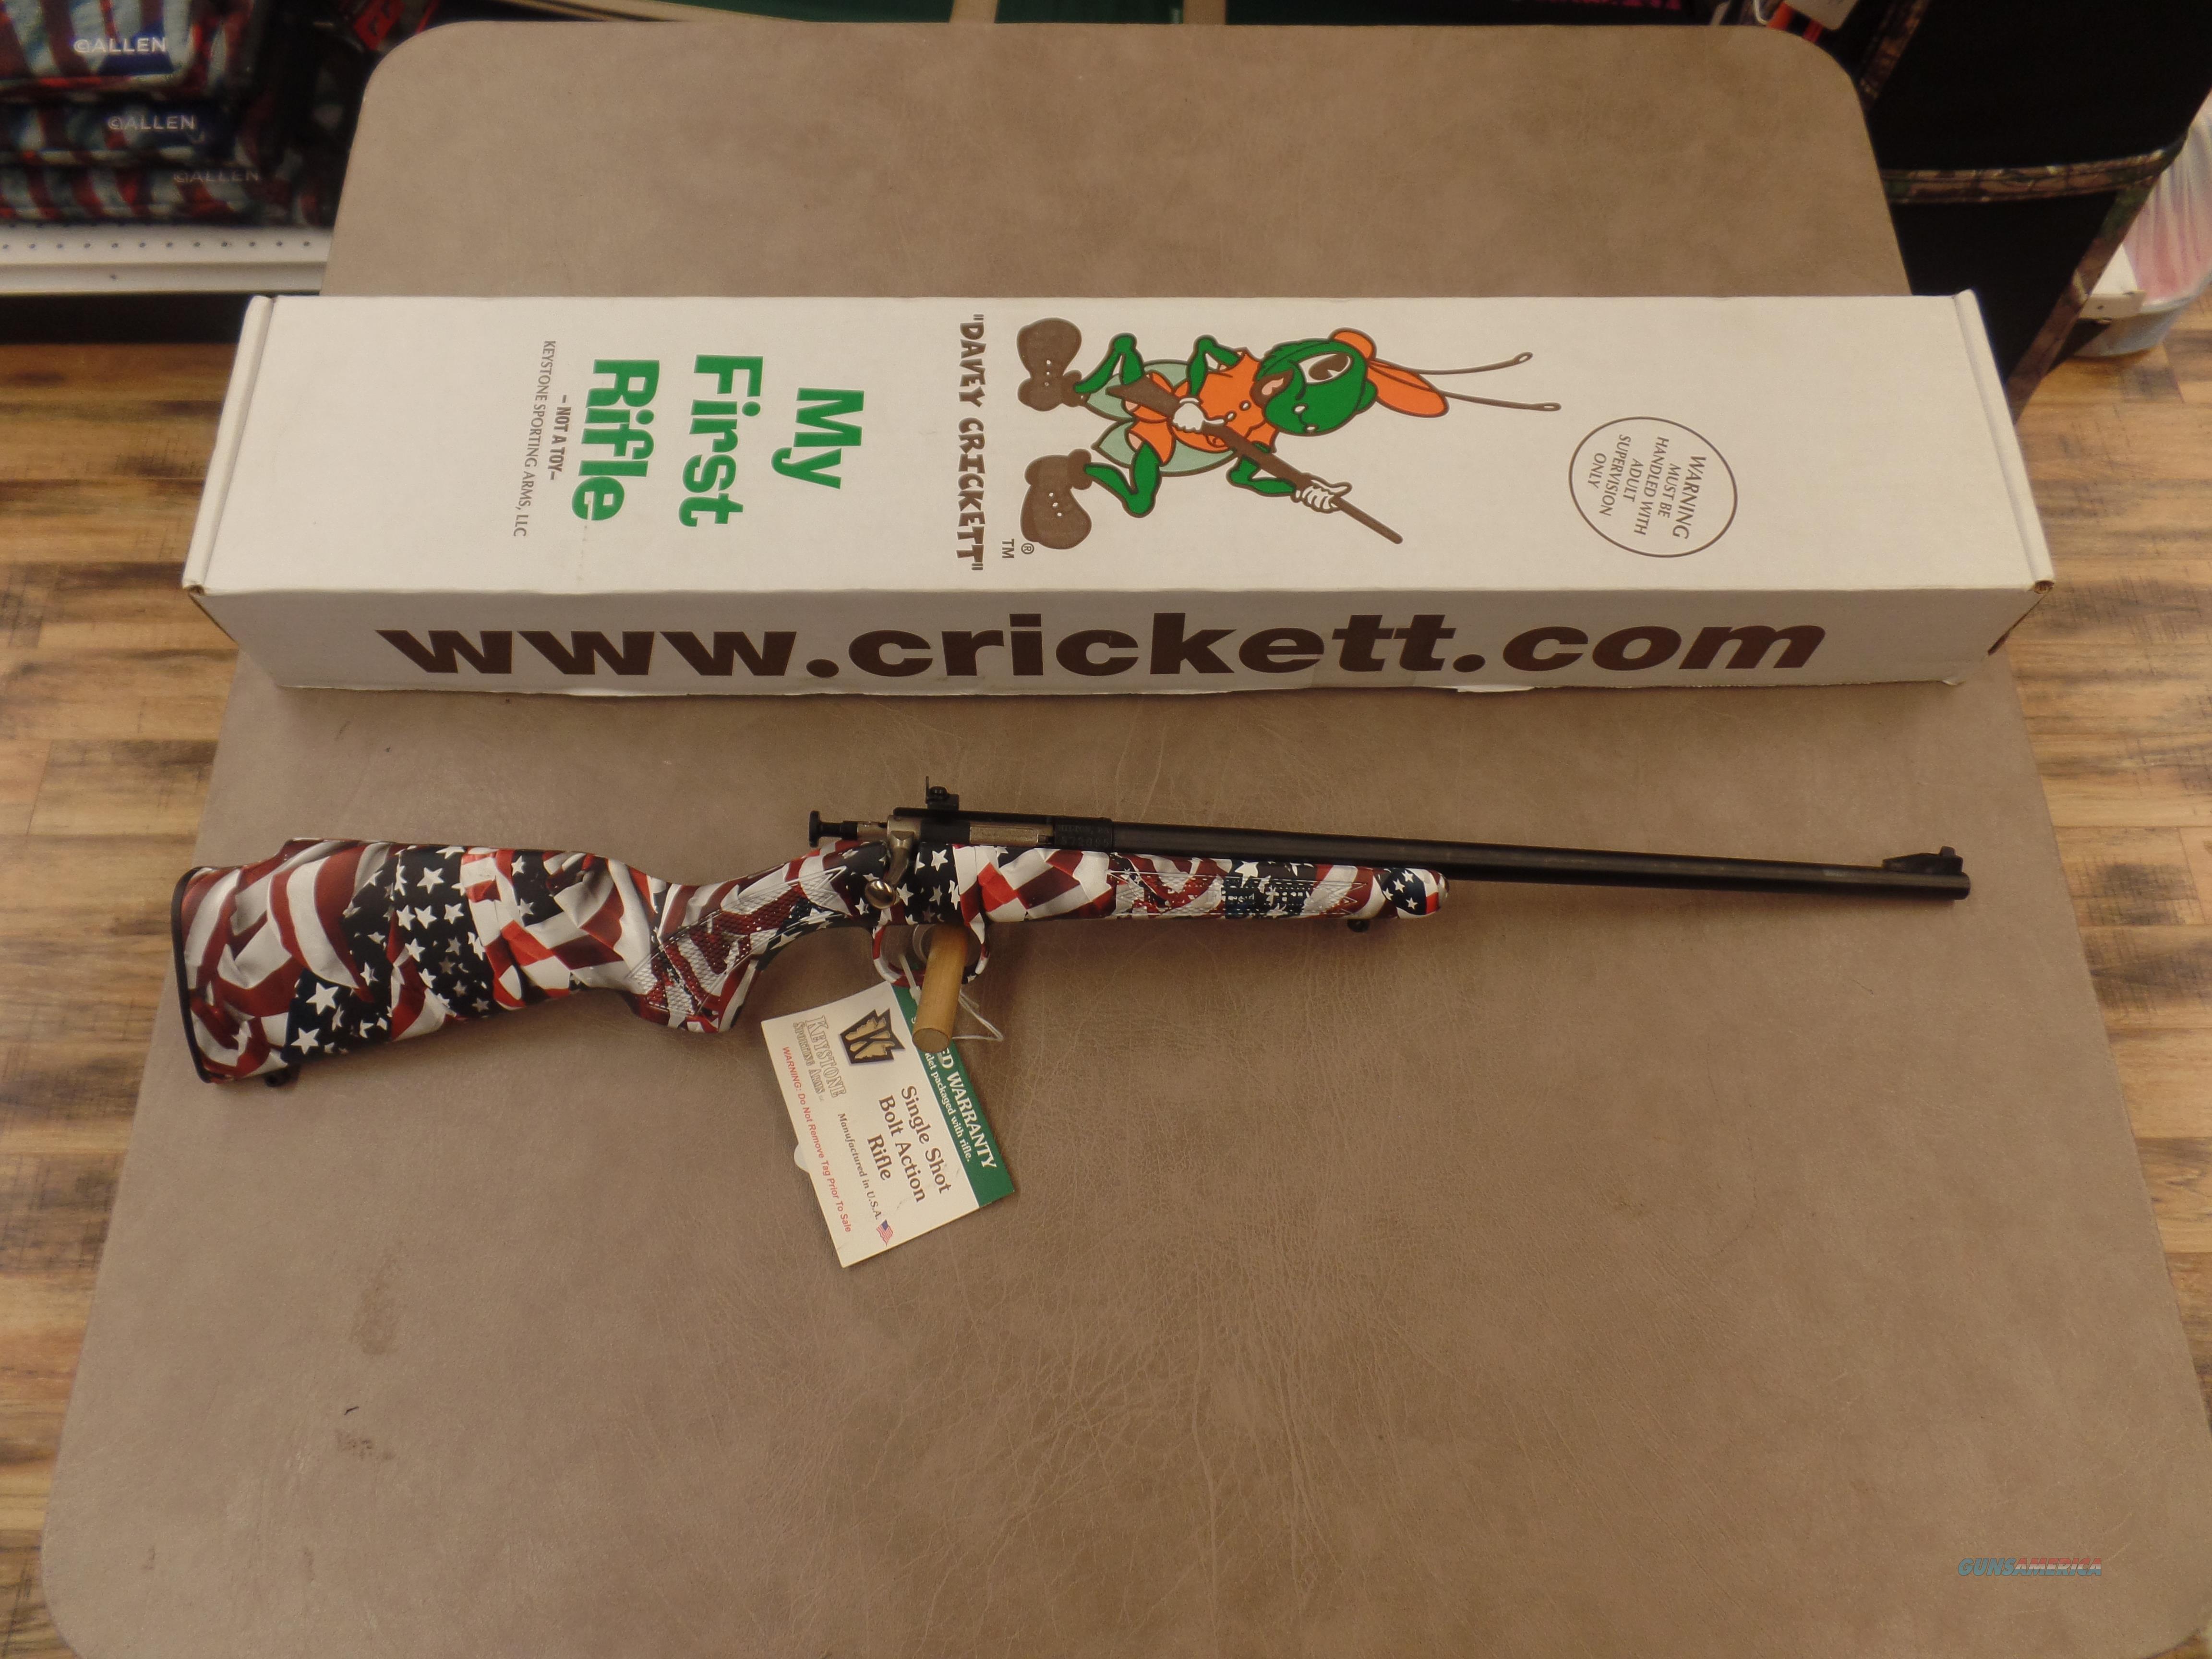 Keystone Arms Crickett American Flag Blued (22LR)  Guns > Rifles > Crickett-Keystone Rifles